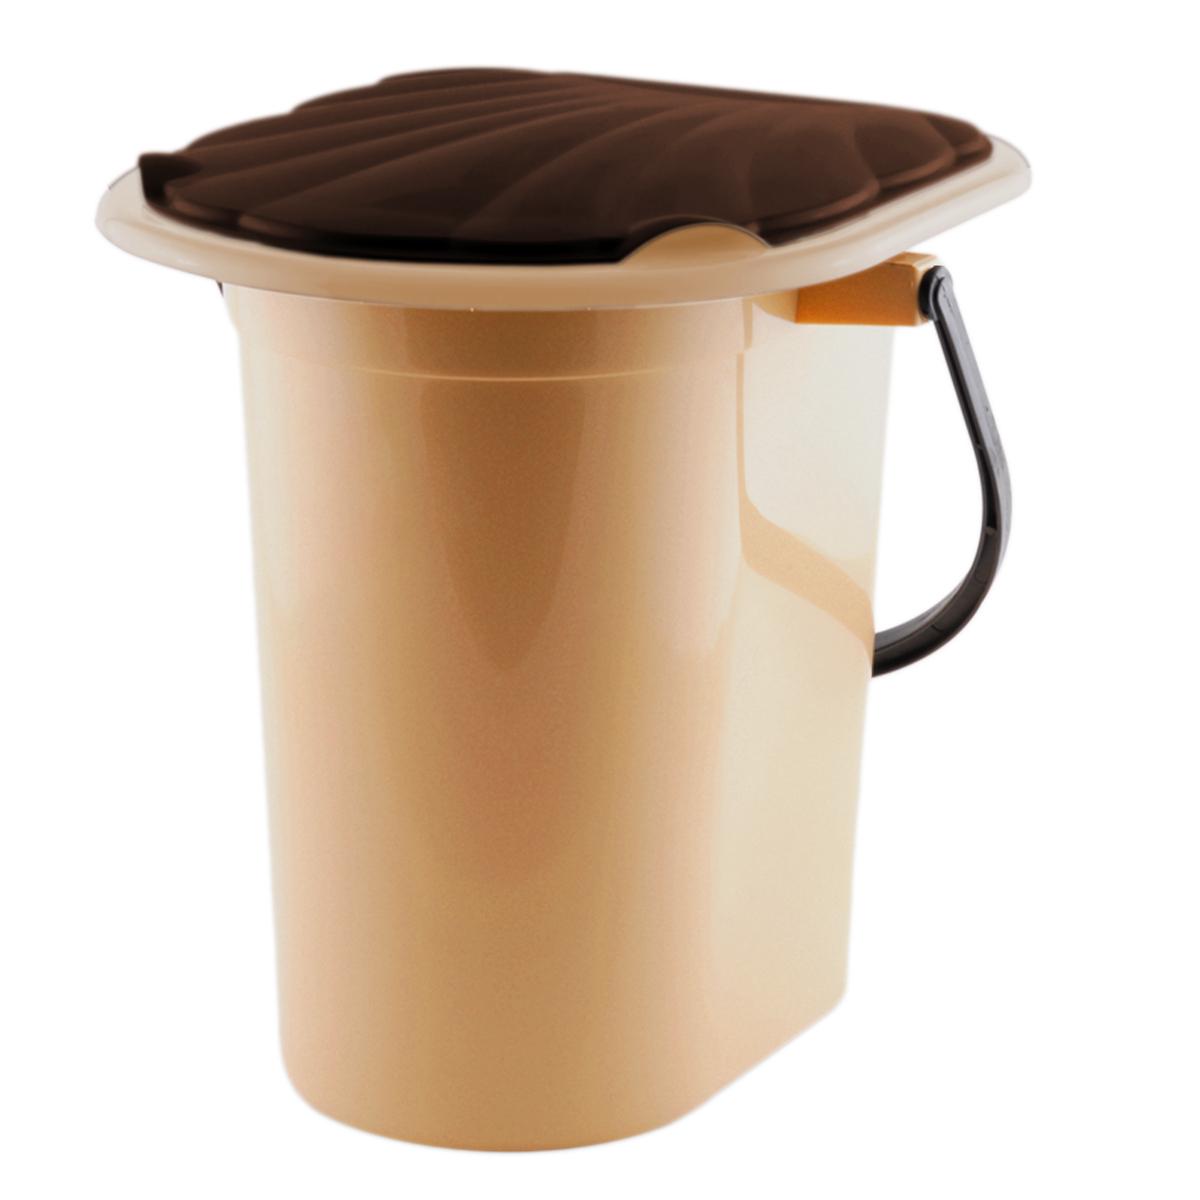 Ведро-туалет InGreen, цвет: бежевый, коричневый, 18 лING40000БЖВедро-туалет InGreen выполнено из пластика. Это незаменимая вещь на даче, а также для пожилых людей и людей с ограниченными возможностями. Устойчивое и высокое ведро удобно в использовании. Ведро-туалет имеет эргономичное съемное сиденье - это позволит легко его мыть и сушить отдельно. Ведро снабжено крышкой, что препятствует распространению неприятных запахов. Прочный пластик выдержит даже людей с большим весом..